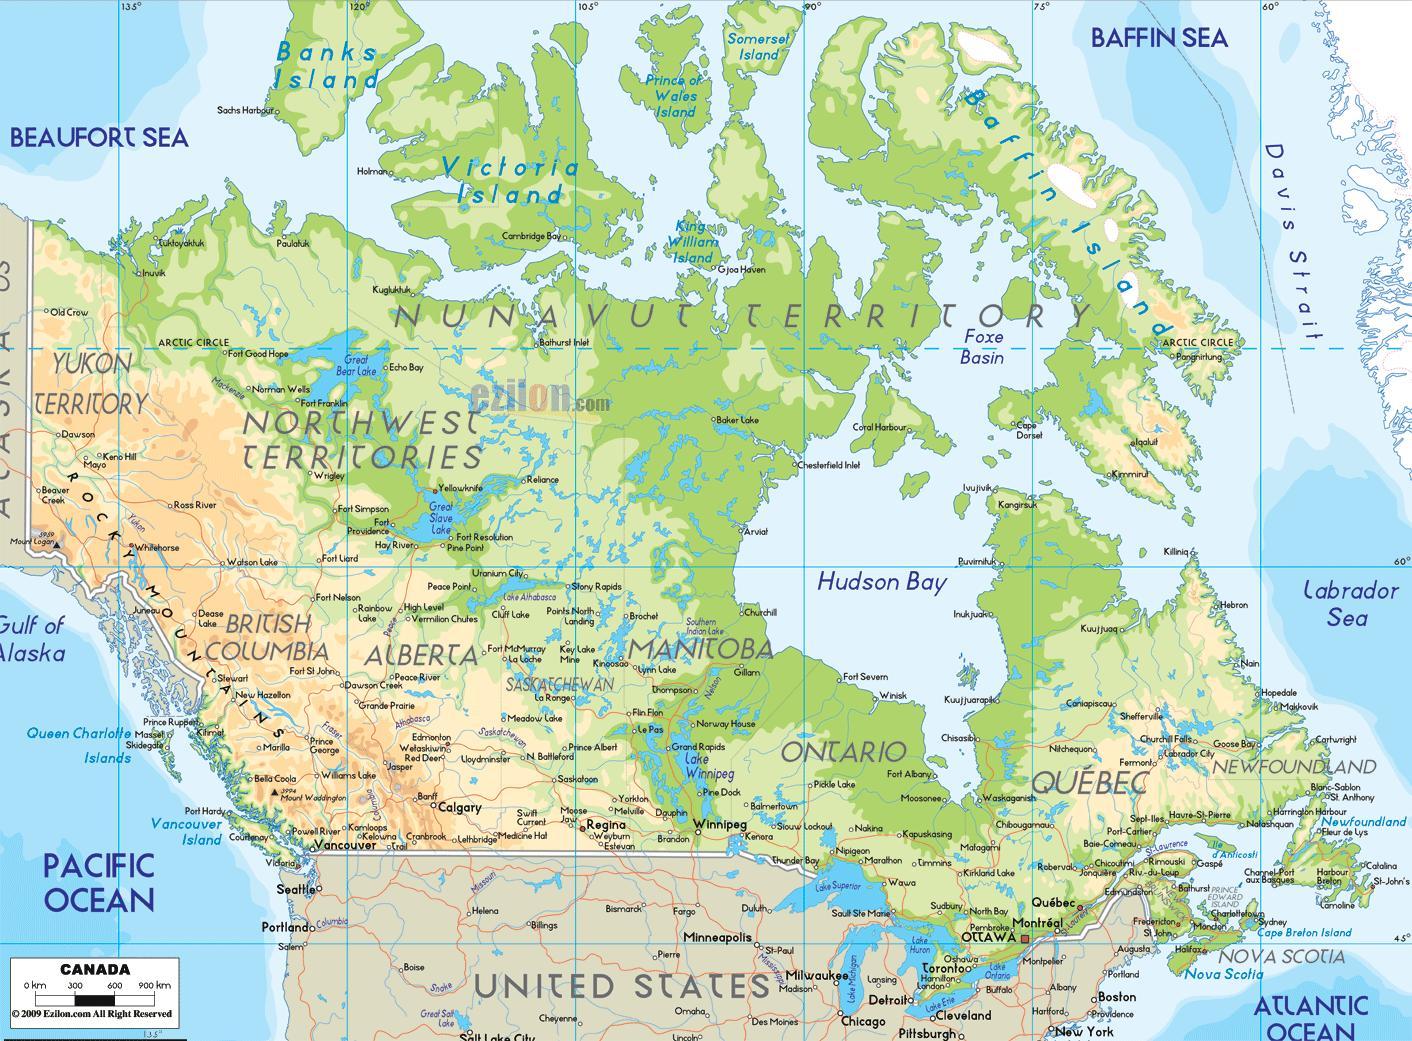 Physische Karte Usa.Physische Karte Von Kanada Physische Karte Von Kanada